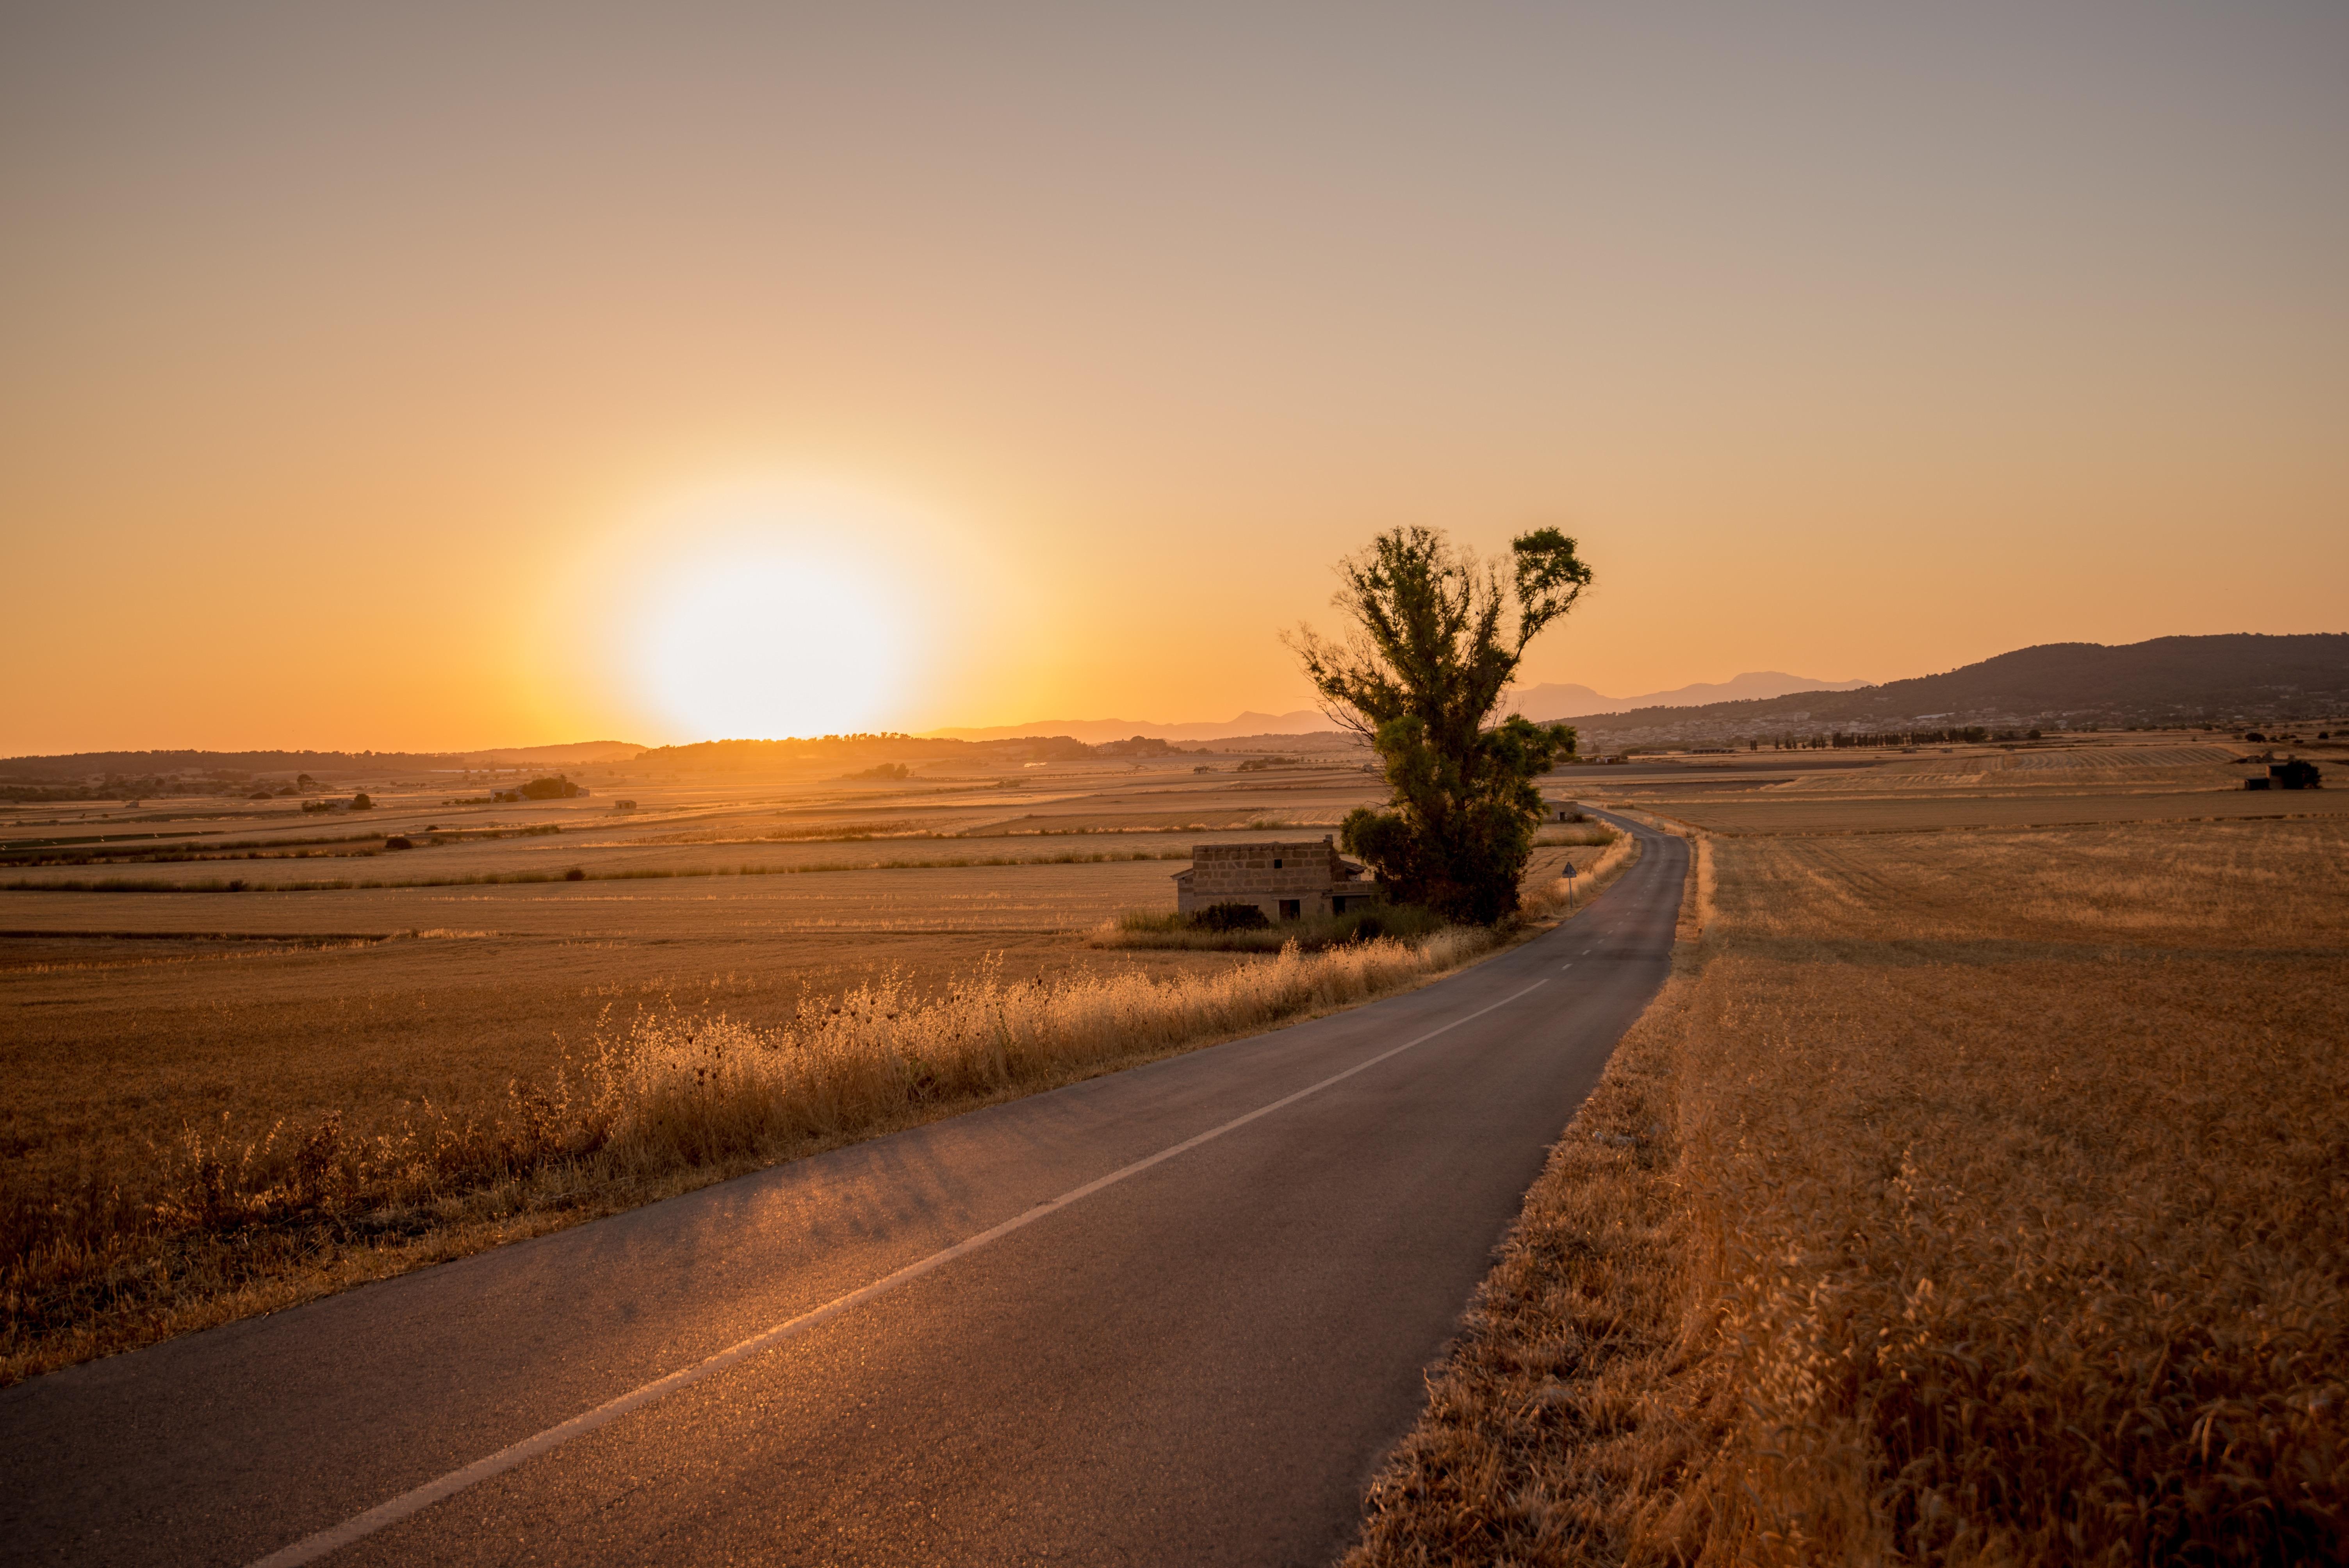 делается картинка дорога в пустыне изделиях гипса, что